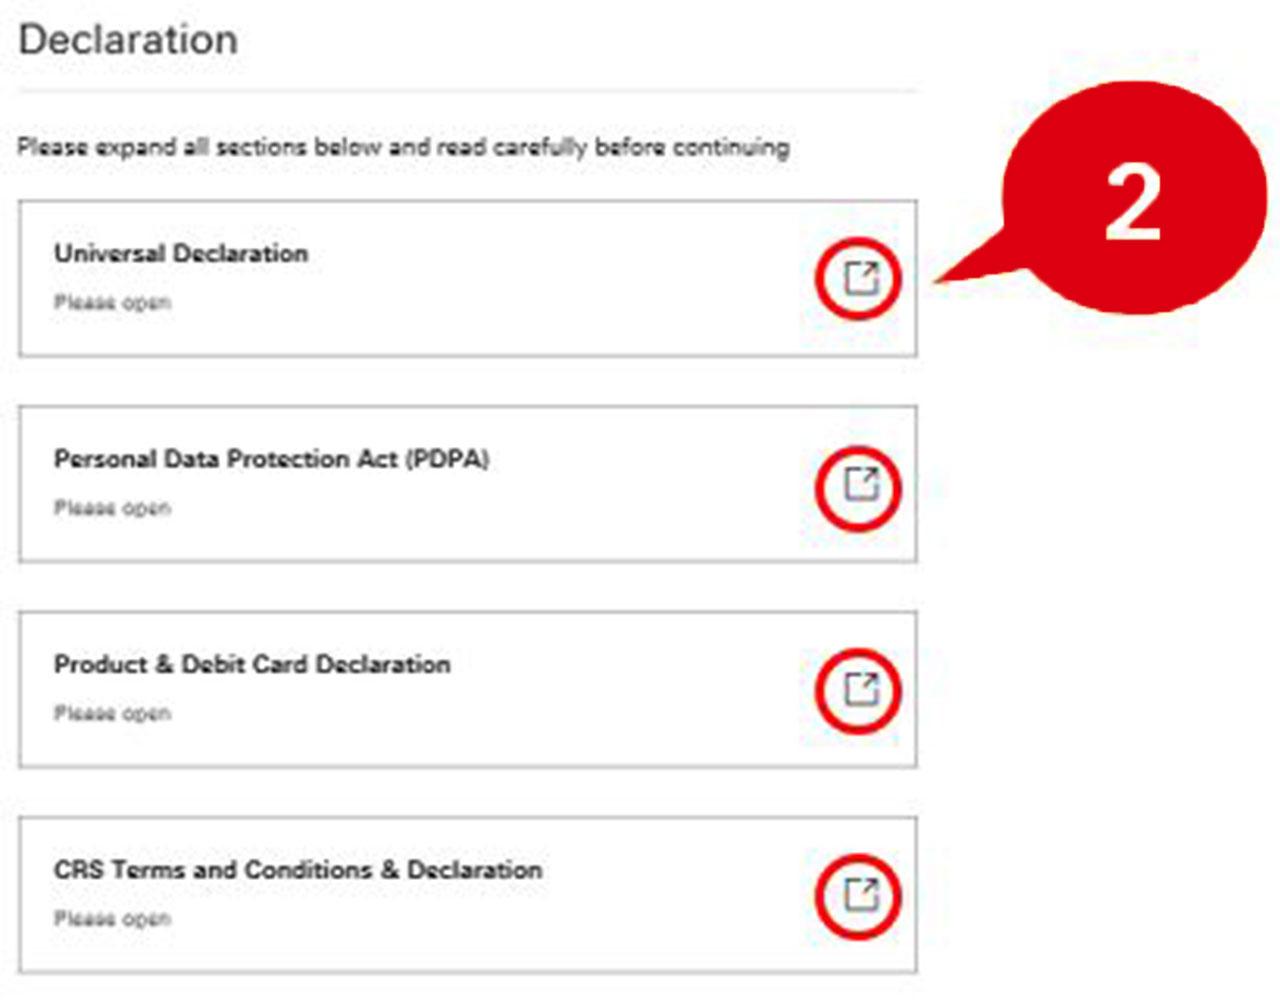 Step 5 of online application form, declaration